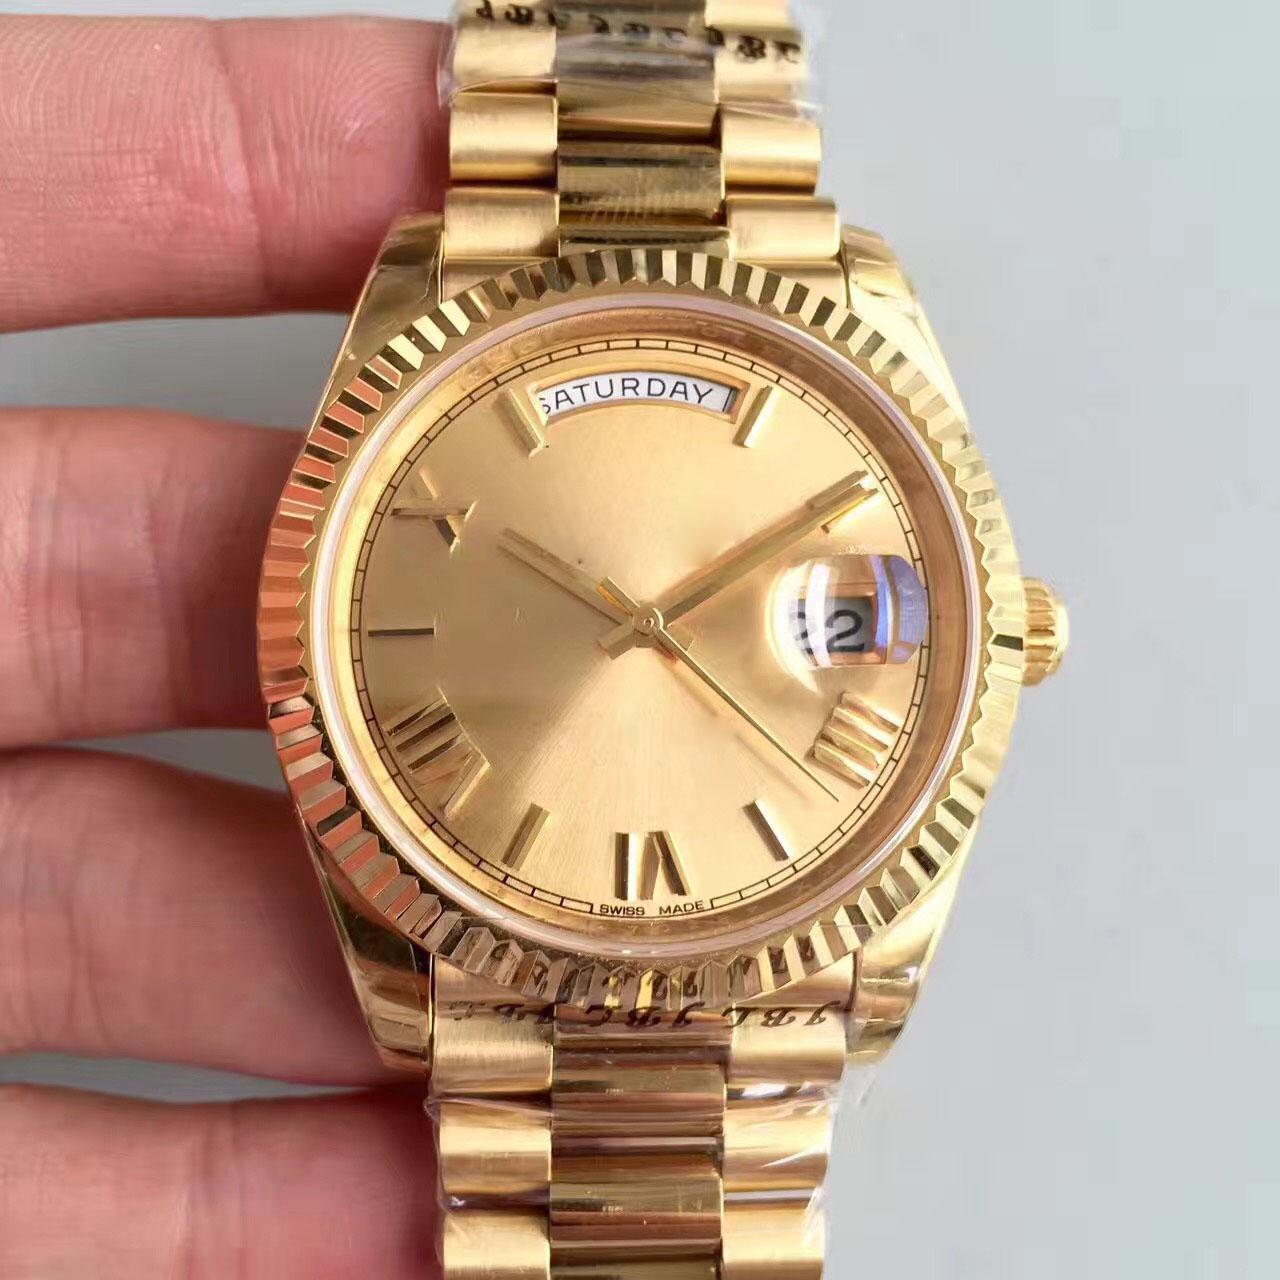 7 стилей DateJust Classic Mens спортивные часы 40 мм циферблат сапфировое зеркало автоматическое движение 316L ремешок из нержавеющей стали 5ATM мужские наручные часы